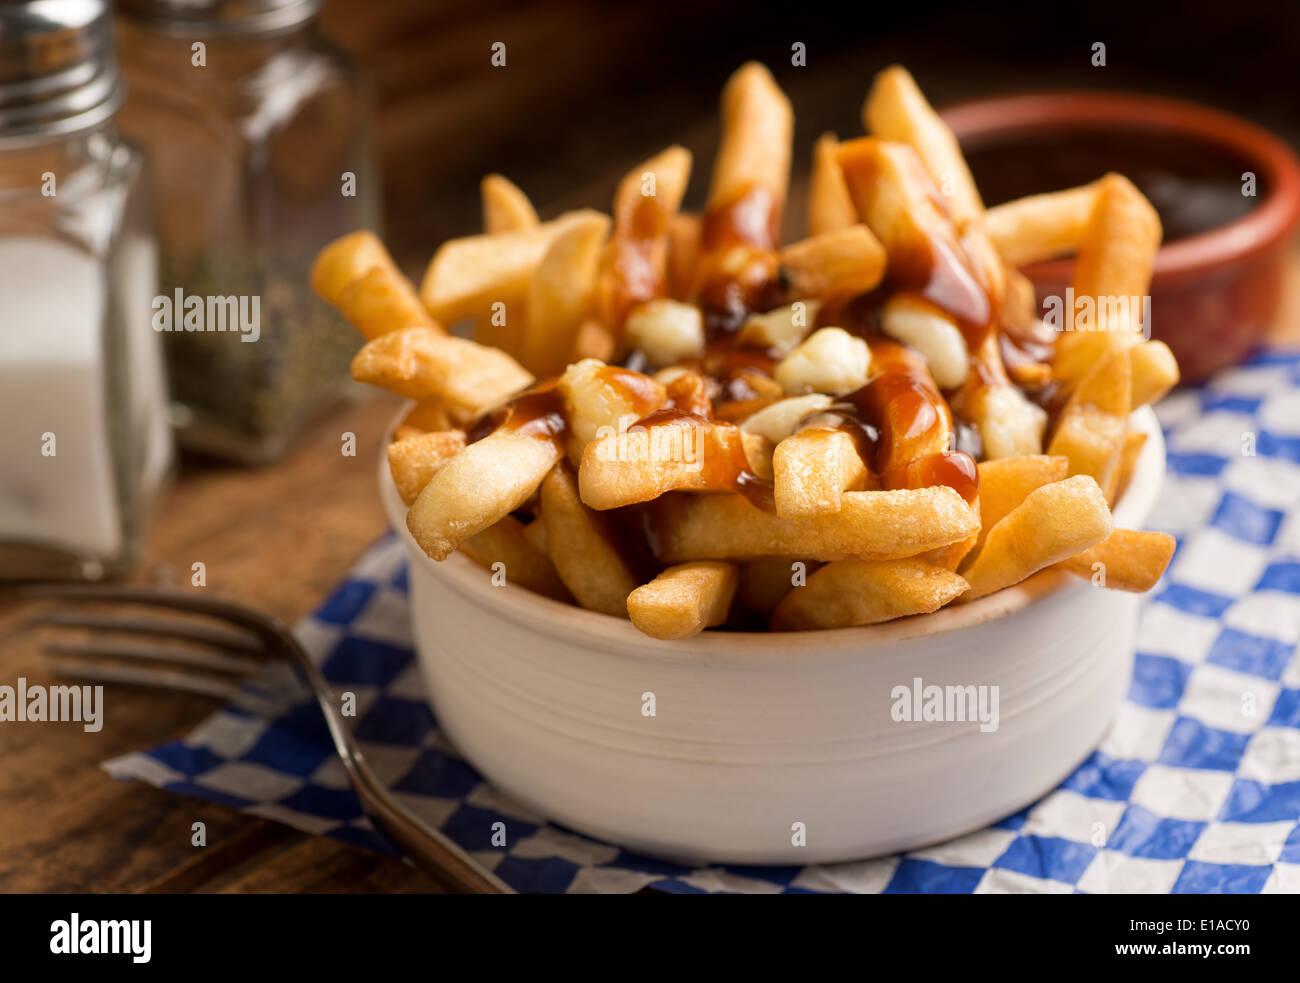 Klassische französische kanadische Poutine mit Pommes frites, Soße und Käse Quark auf einem rustikalen Tisch. Stockbild